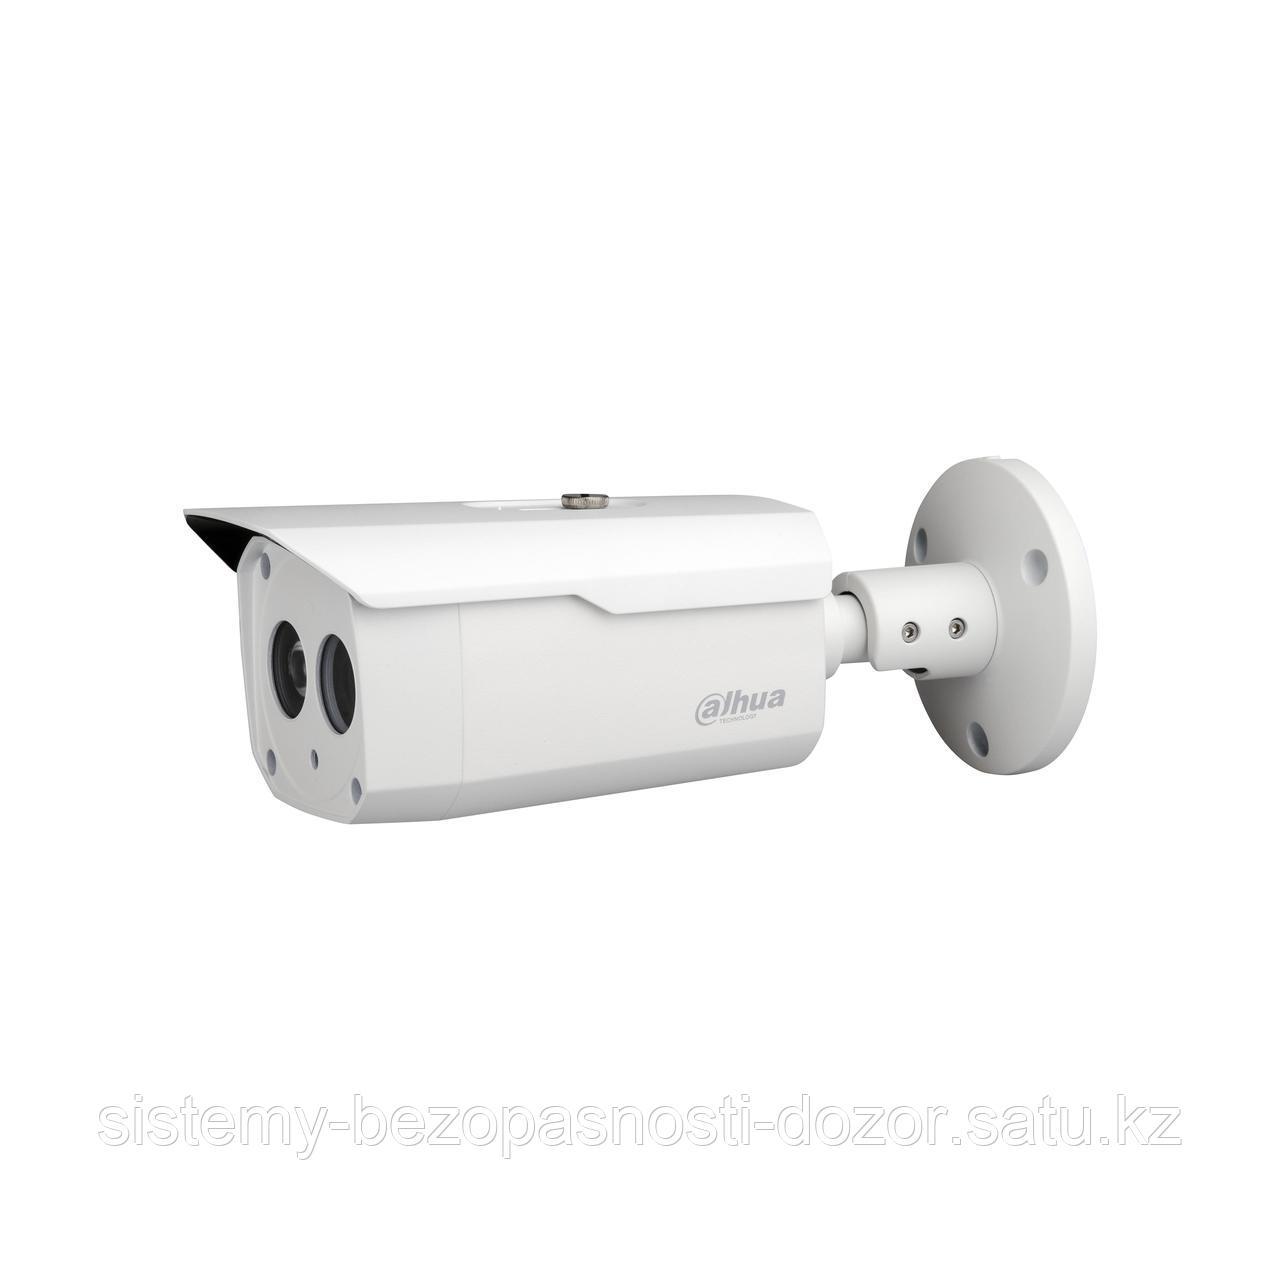 Камера видеонаблюдения уличная HAC-HFW1200BP Dahua Technology